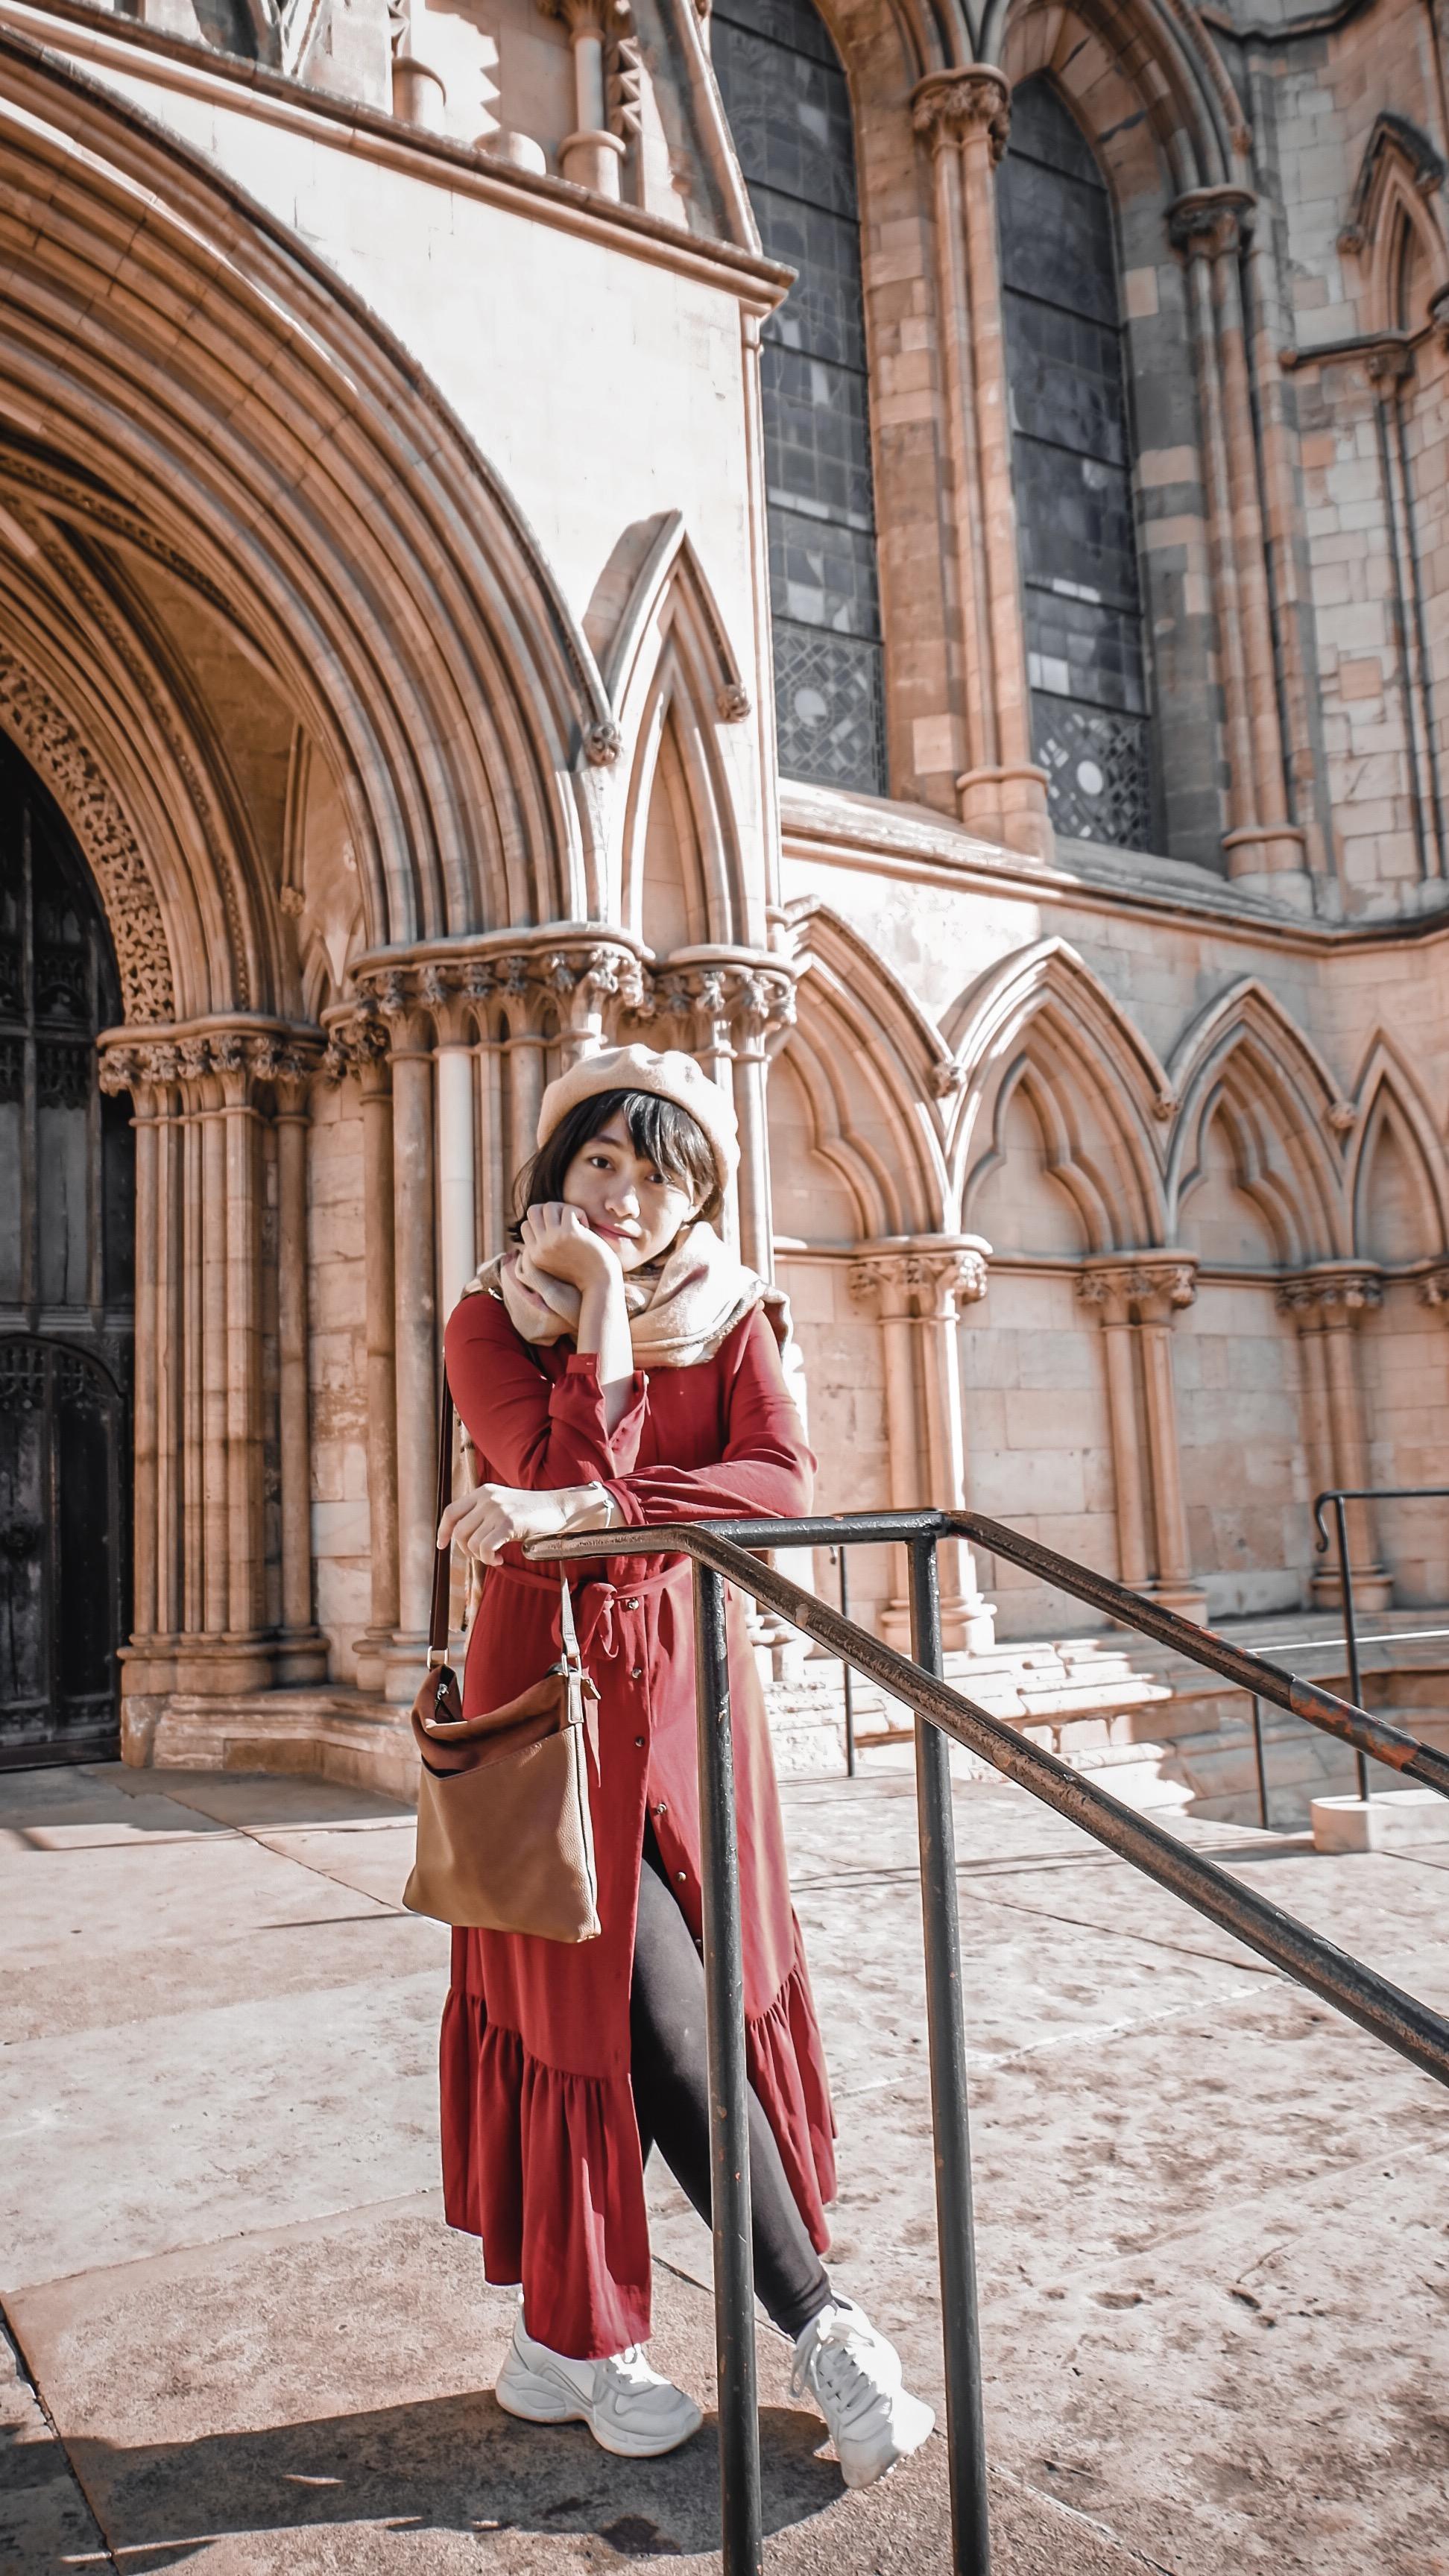 Melepas penat selepas kuliah: Farah di pelataran York Minister, sebuah katedral di Yorkshire